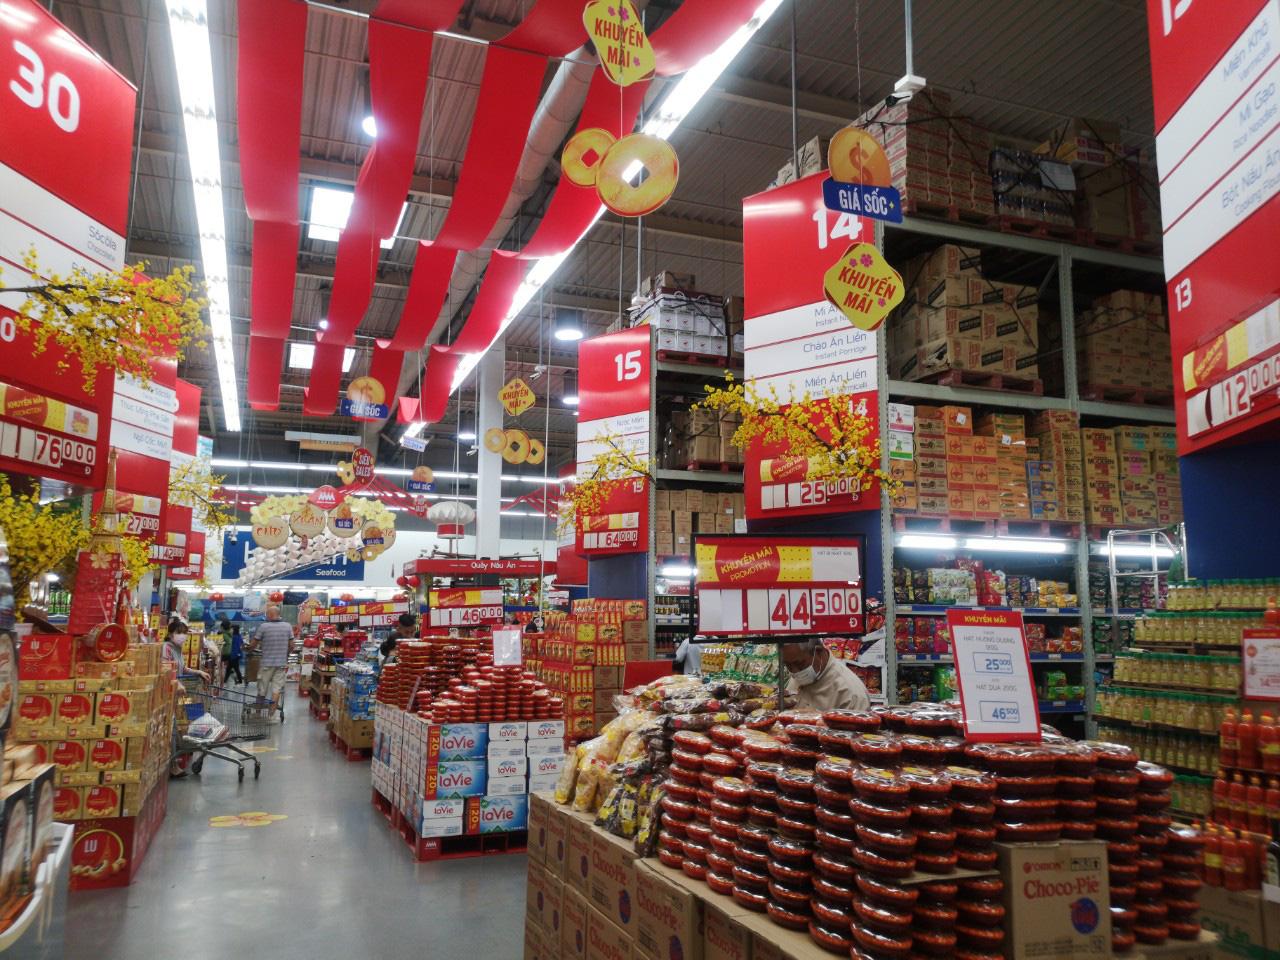 Mẹo mua sắm Tết vừa chất lượng, vừa giá tốt của người nội trợ thông thái - Ảnh 1.